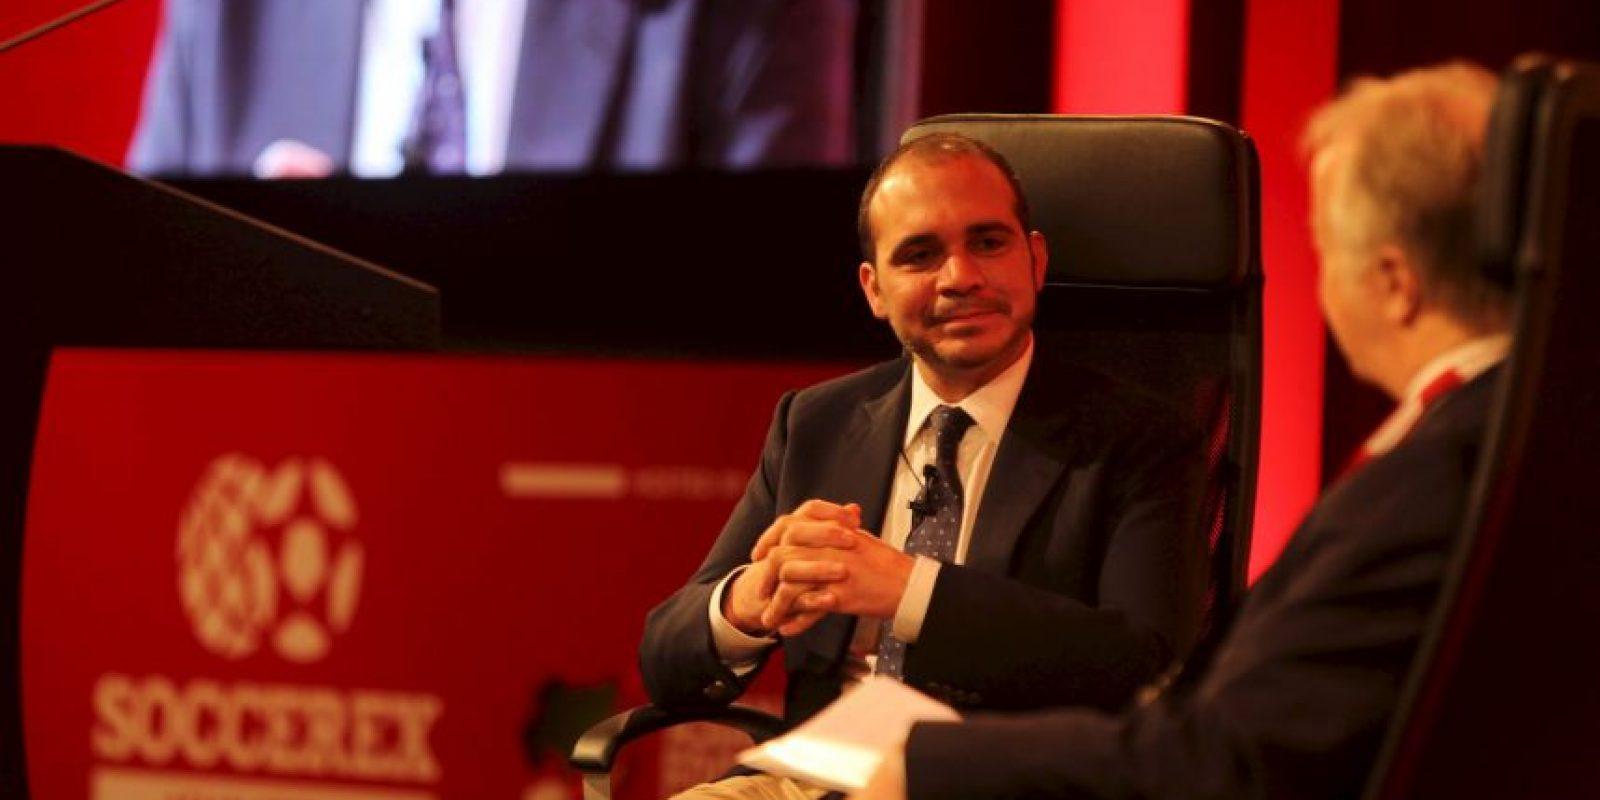 El Príncipe Ali Bin Al Hussein partirá como víctima en las elecciones del viernes Foto:Getty Images